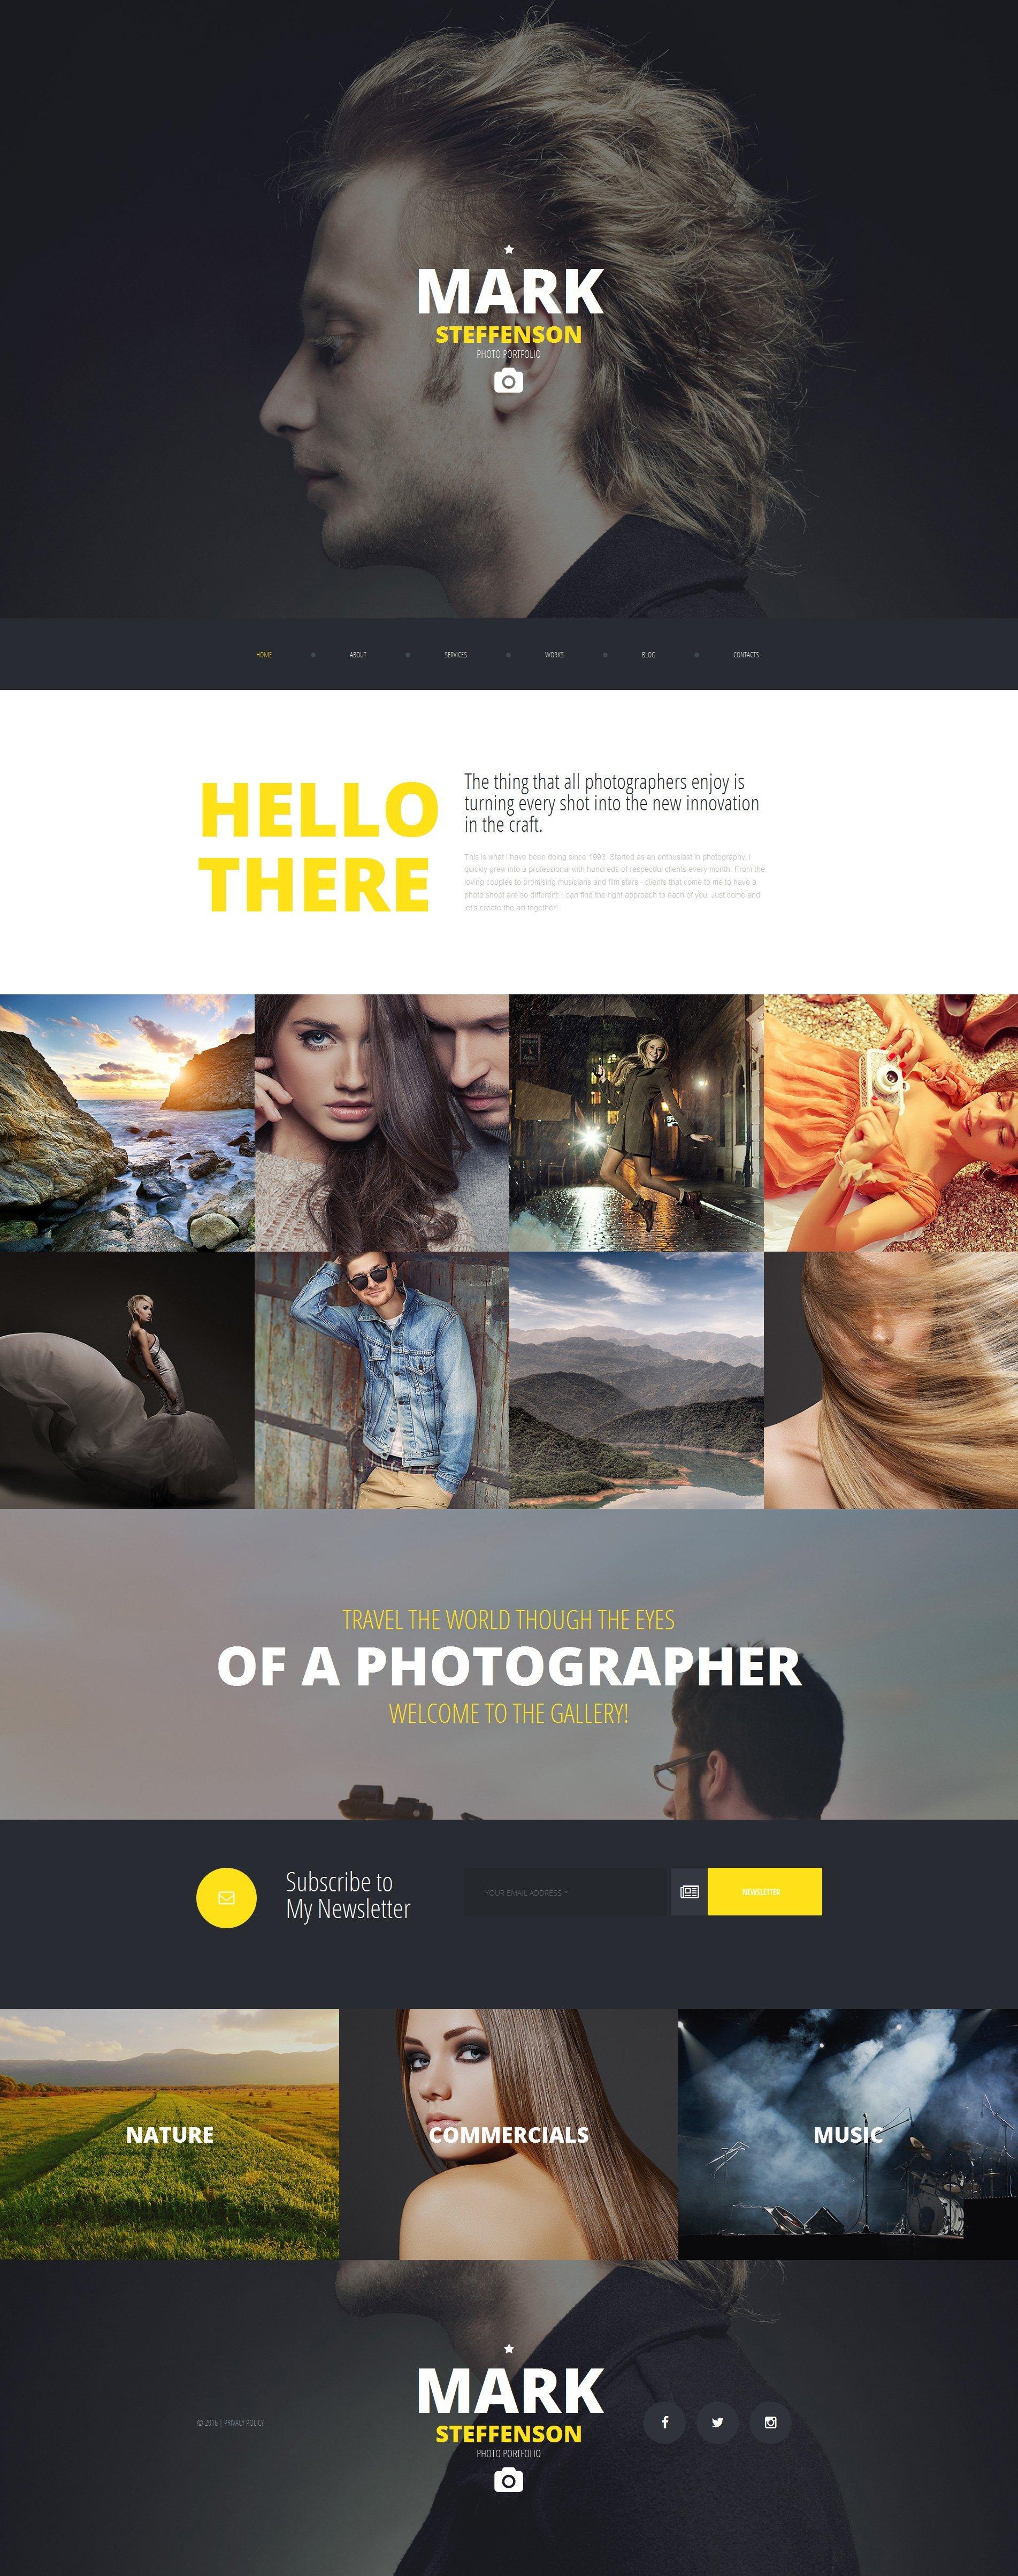 Plantilla Moto CMS 3 Responsive para Sitio de Portafolios de fotógrafos #58553 - captura de pantalla